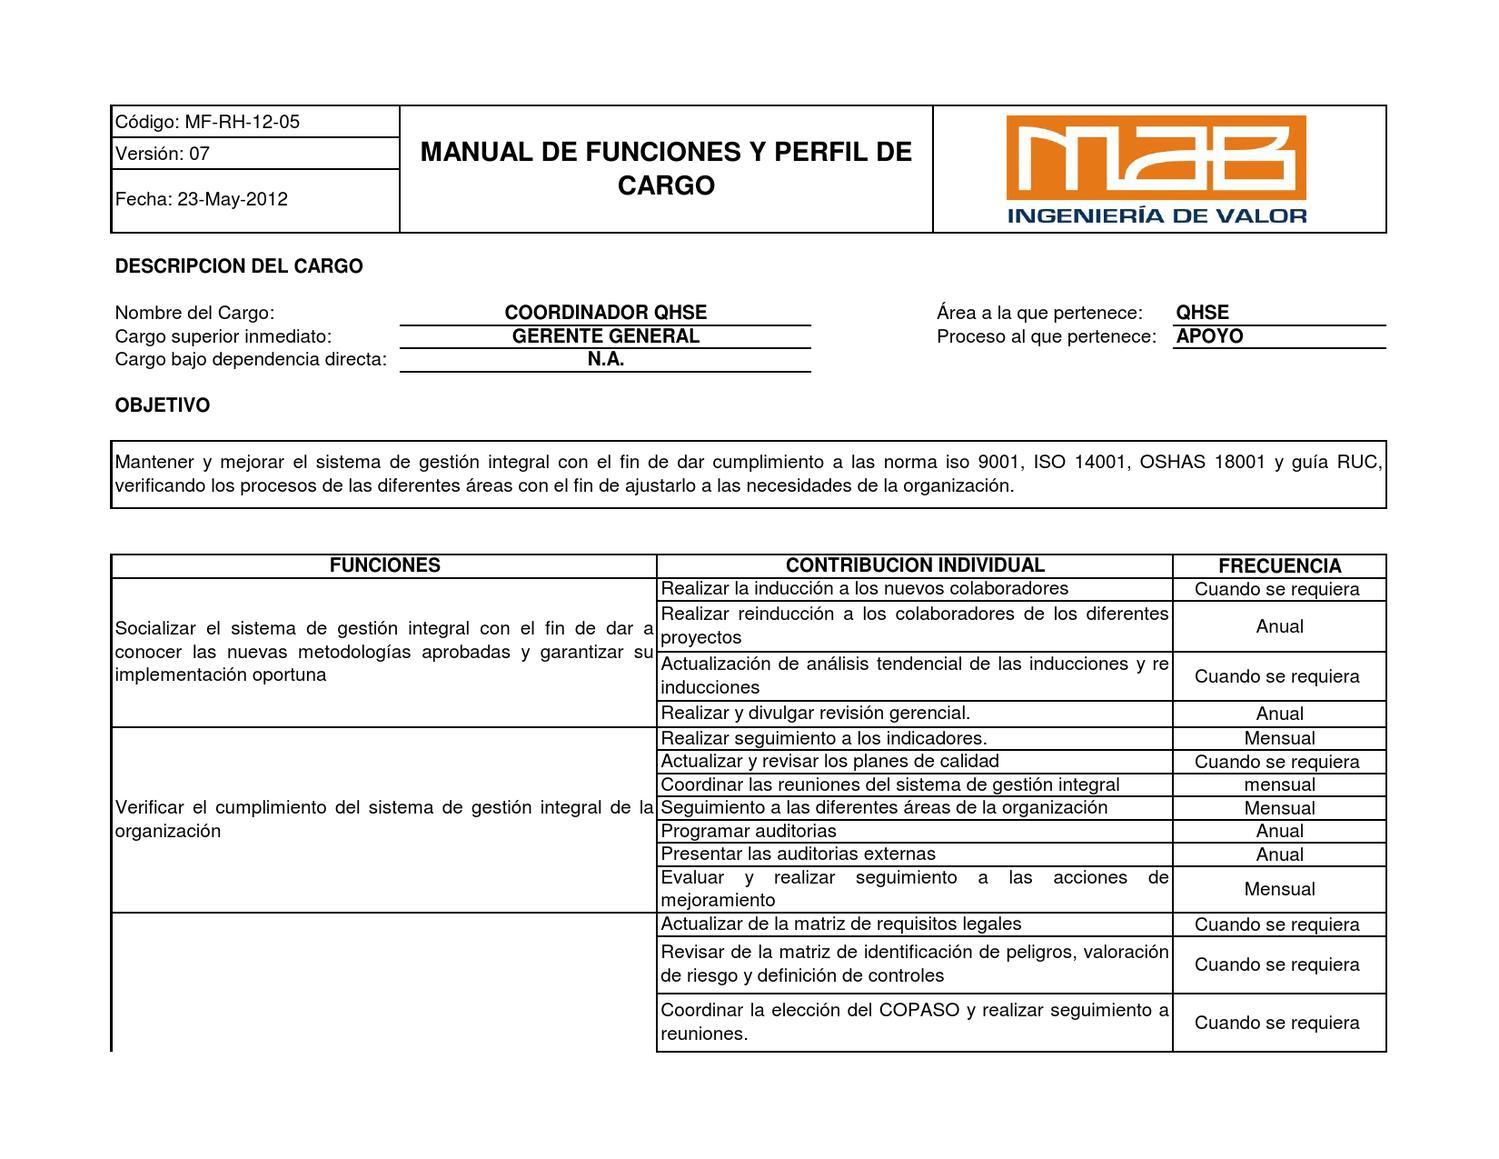 Coordinador qhse by fernando garcia issuu for Manual de funciones y procedimientos de un restaurante